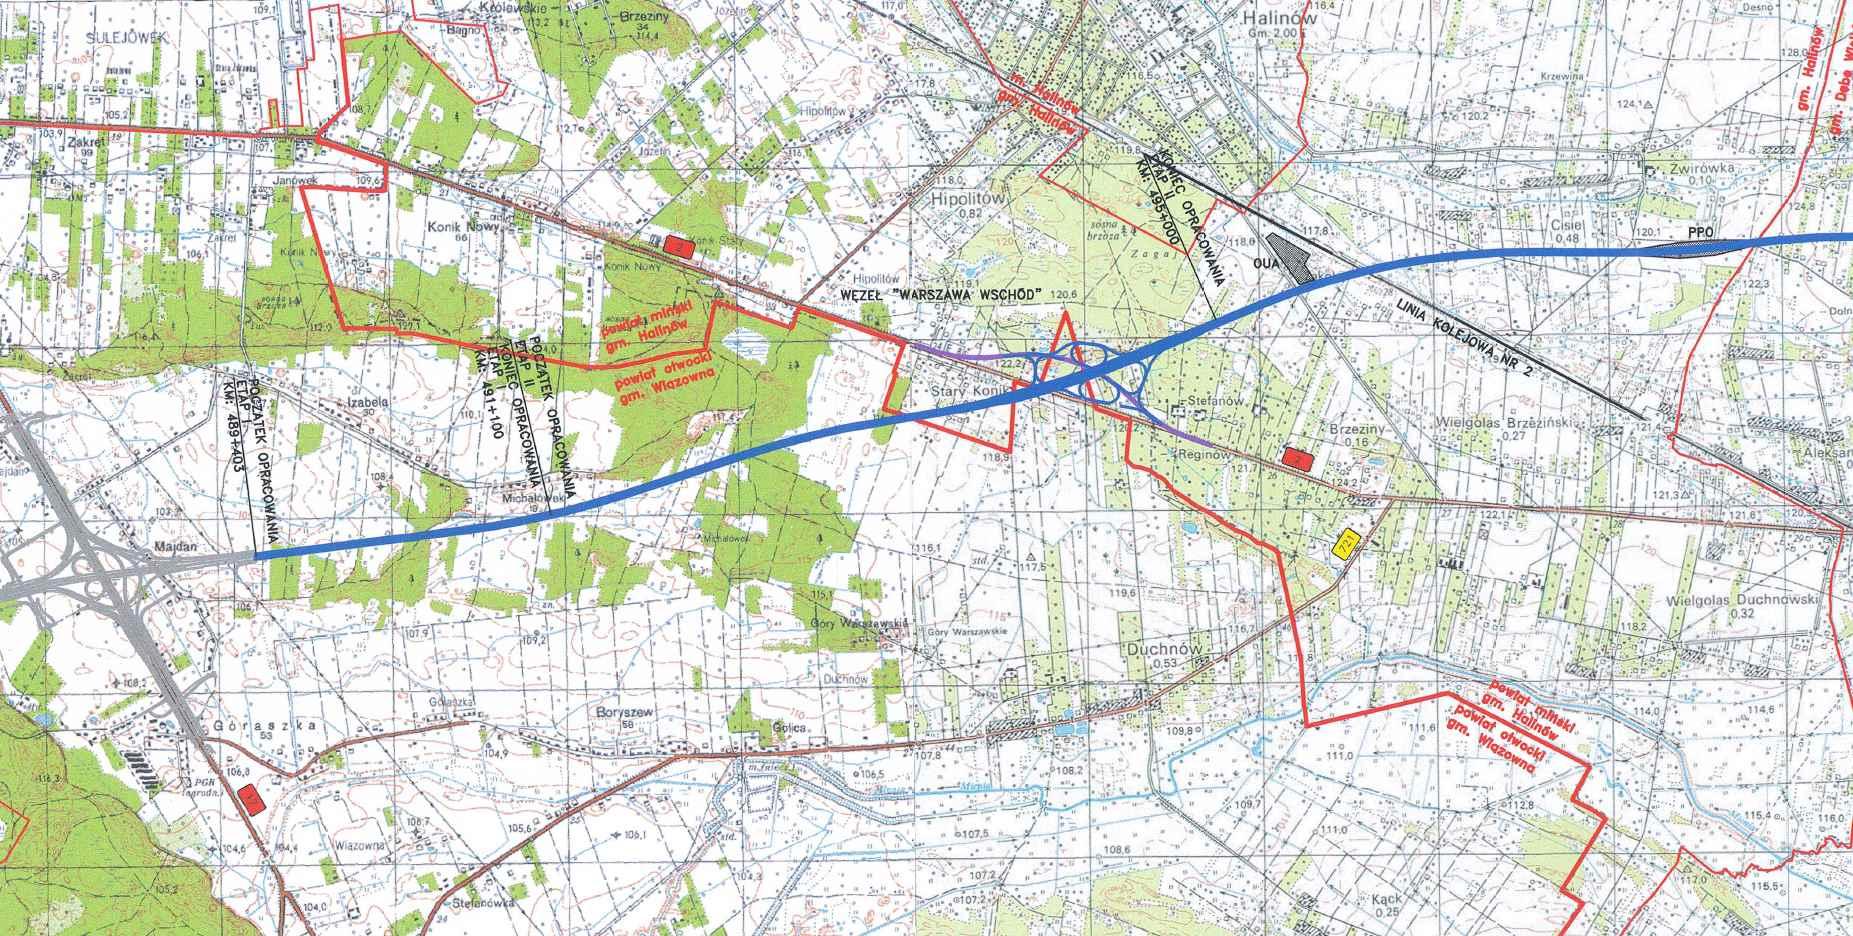 Mapa przebiegu autostrady A2 Warszawa - Mińsk Mazowiecki (odc. 1 w. Lubelska - w. Konik)